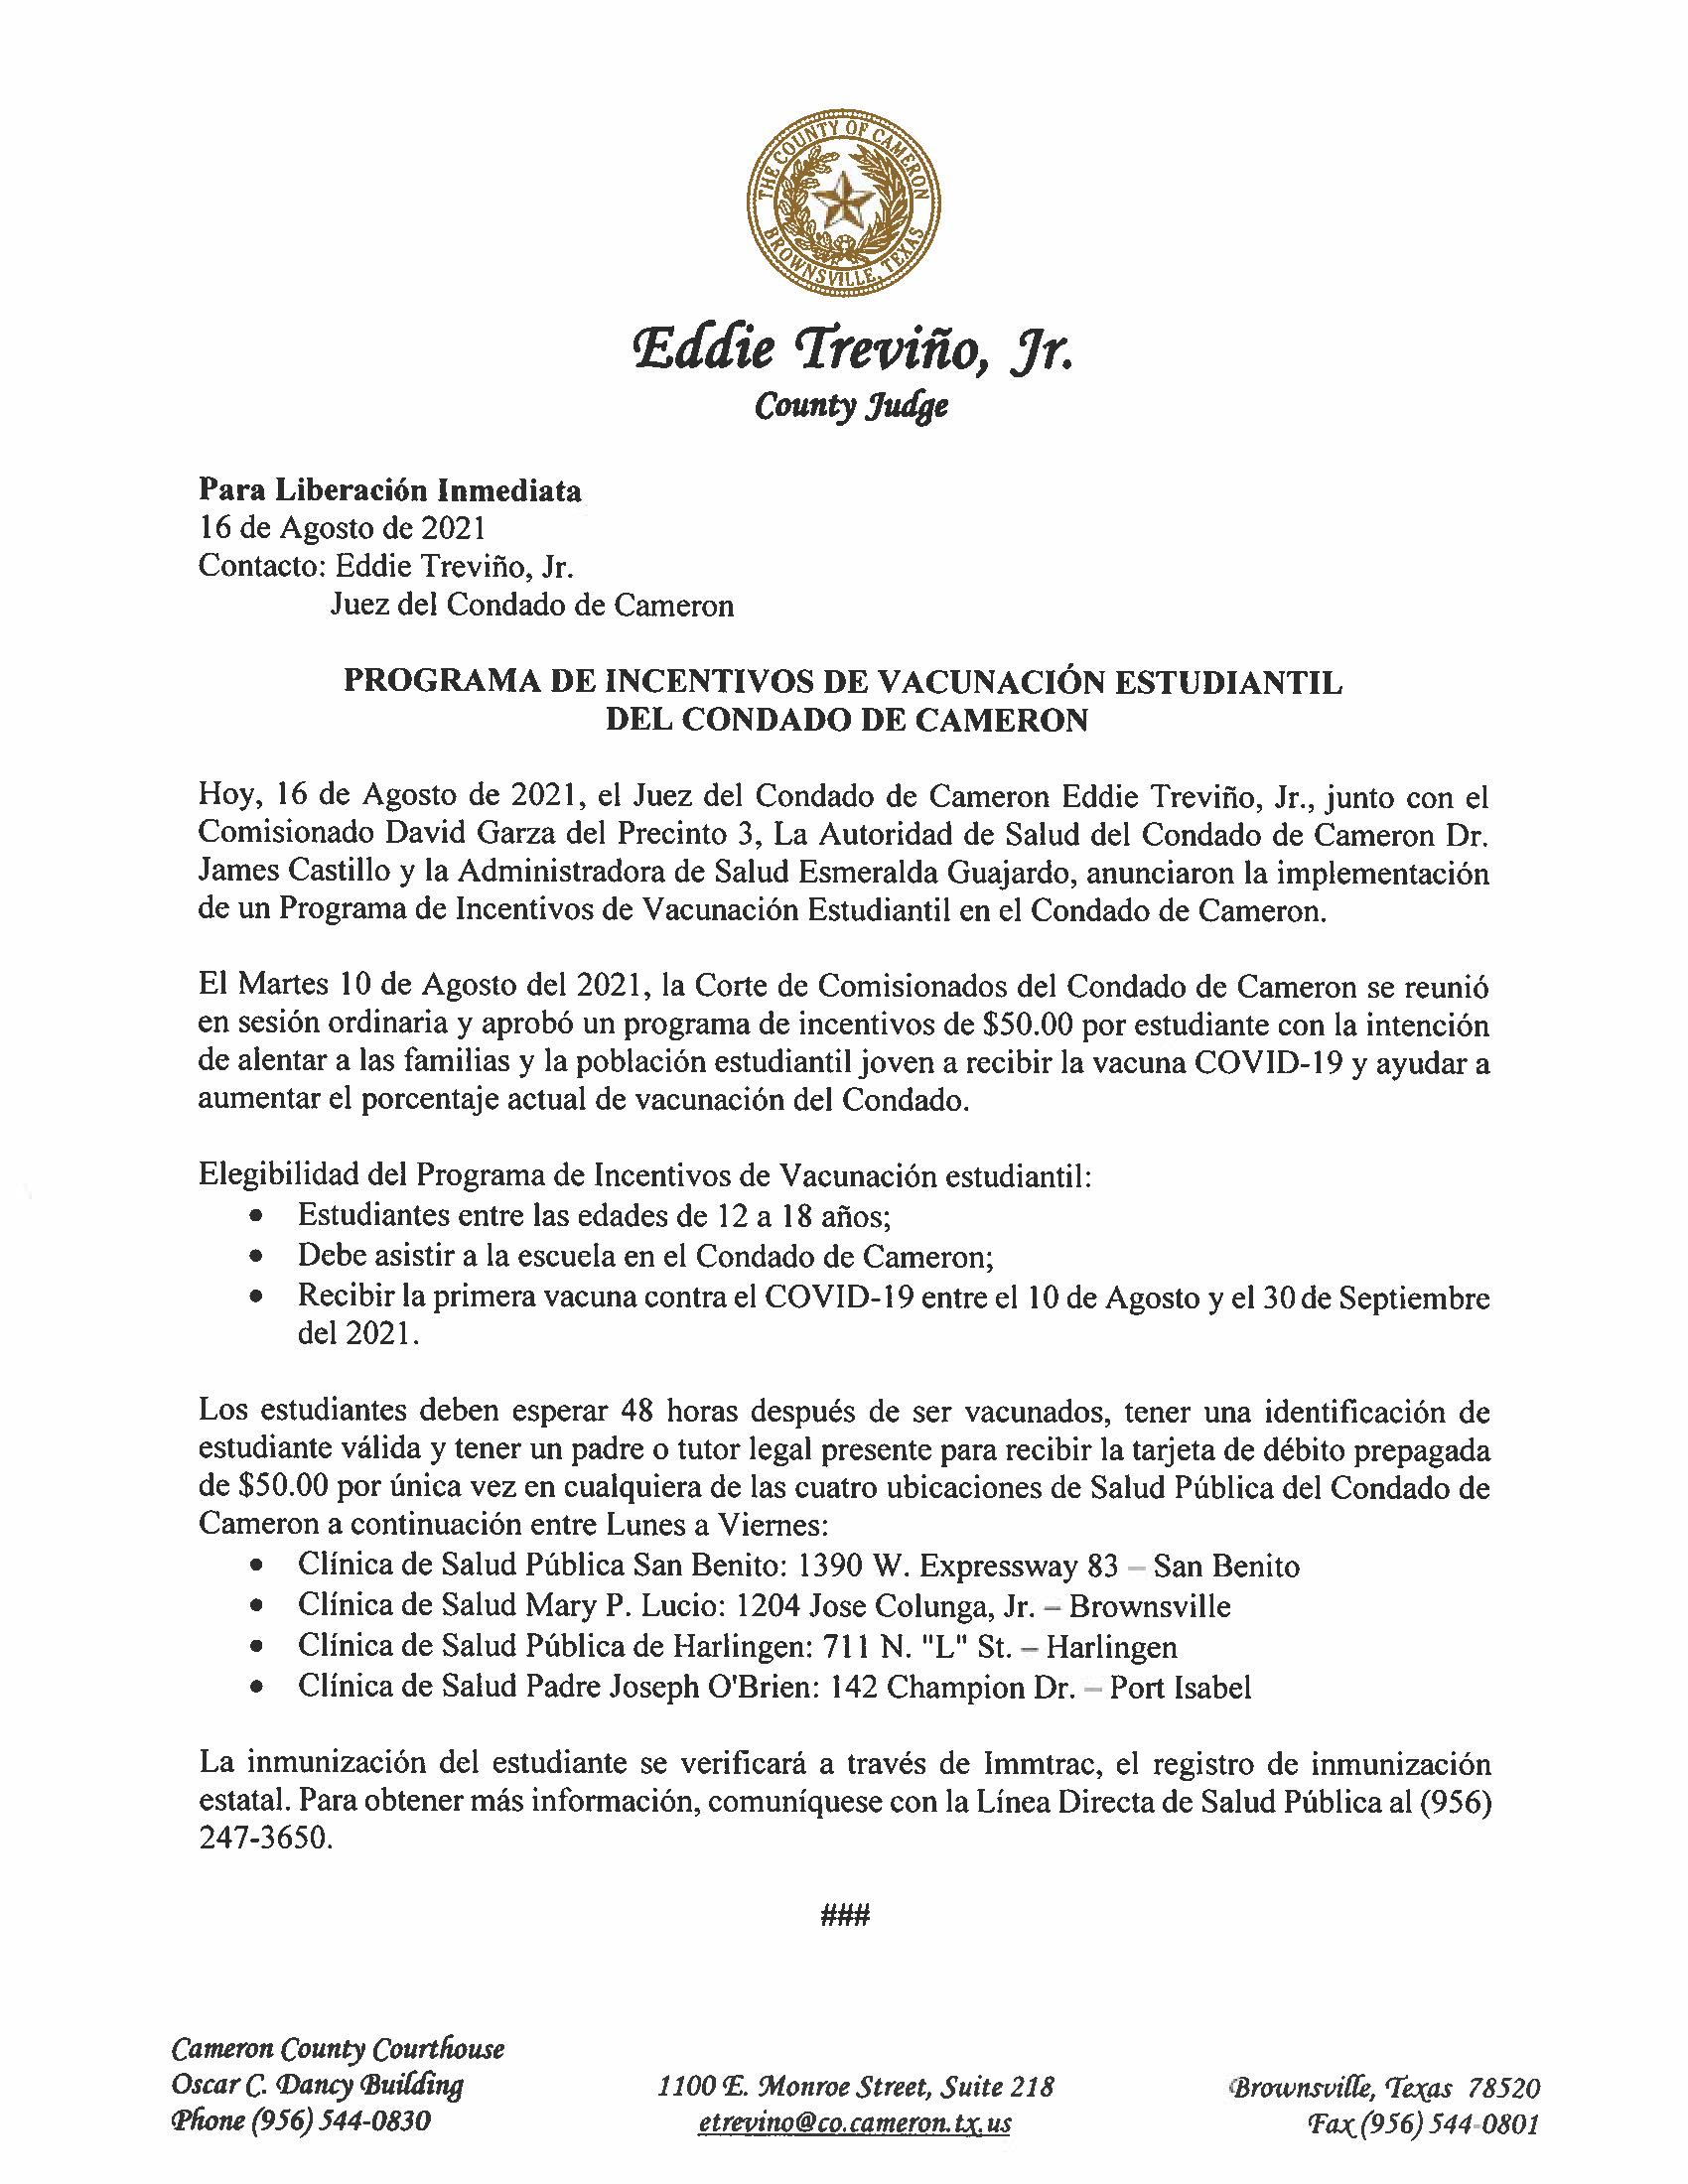 8.16.21 Programa De Incentivos De Vacunacion Estudiantil Del Condado De Cameron